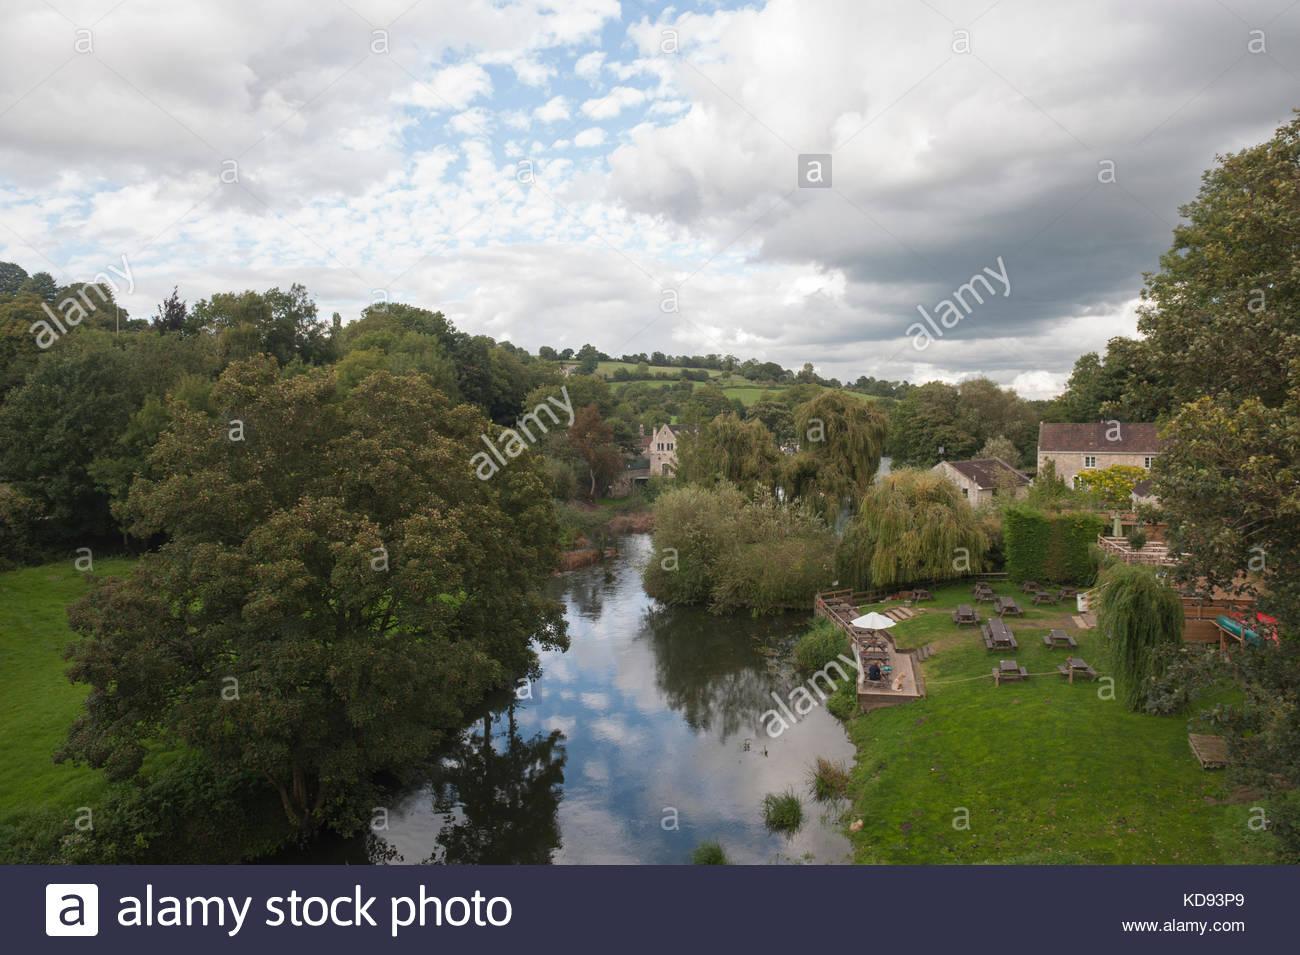 Avoncliff REGNO UNITO REGNO UNITO Meteo. Drammatica nuvole sopra il fiume Avon visto da un'aquaduct del Kennet Immagini Stock